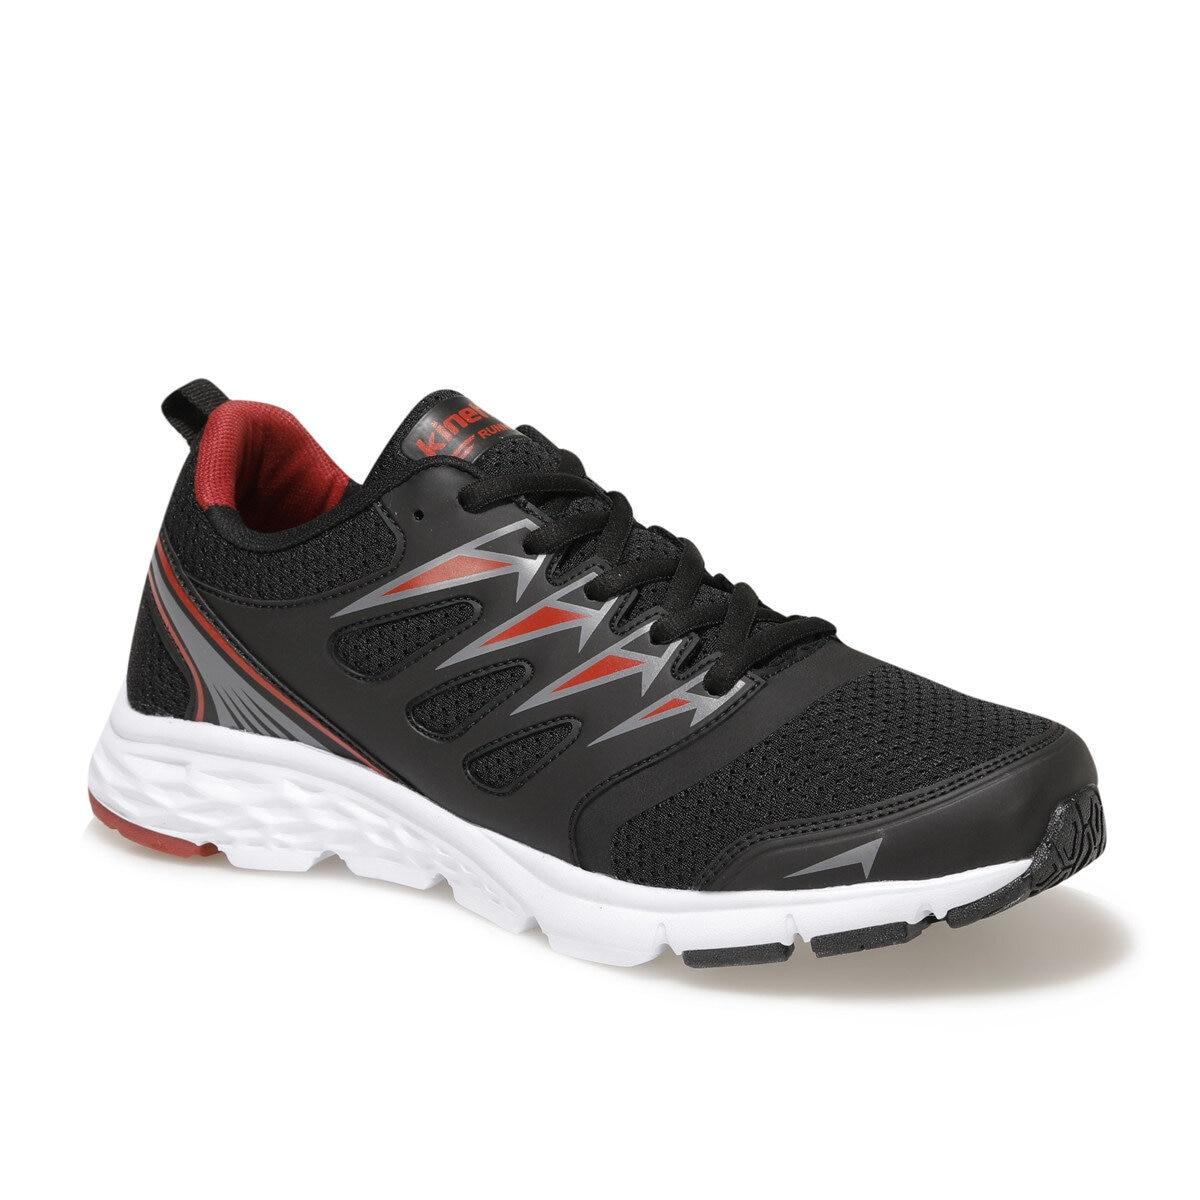 أسود الرجال احذية الجري الرياضة موضة حذاء رياضة الذكور مريحة الترفيه أحذية مشي İNSTREET